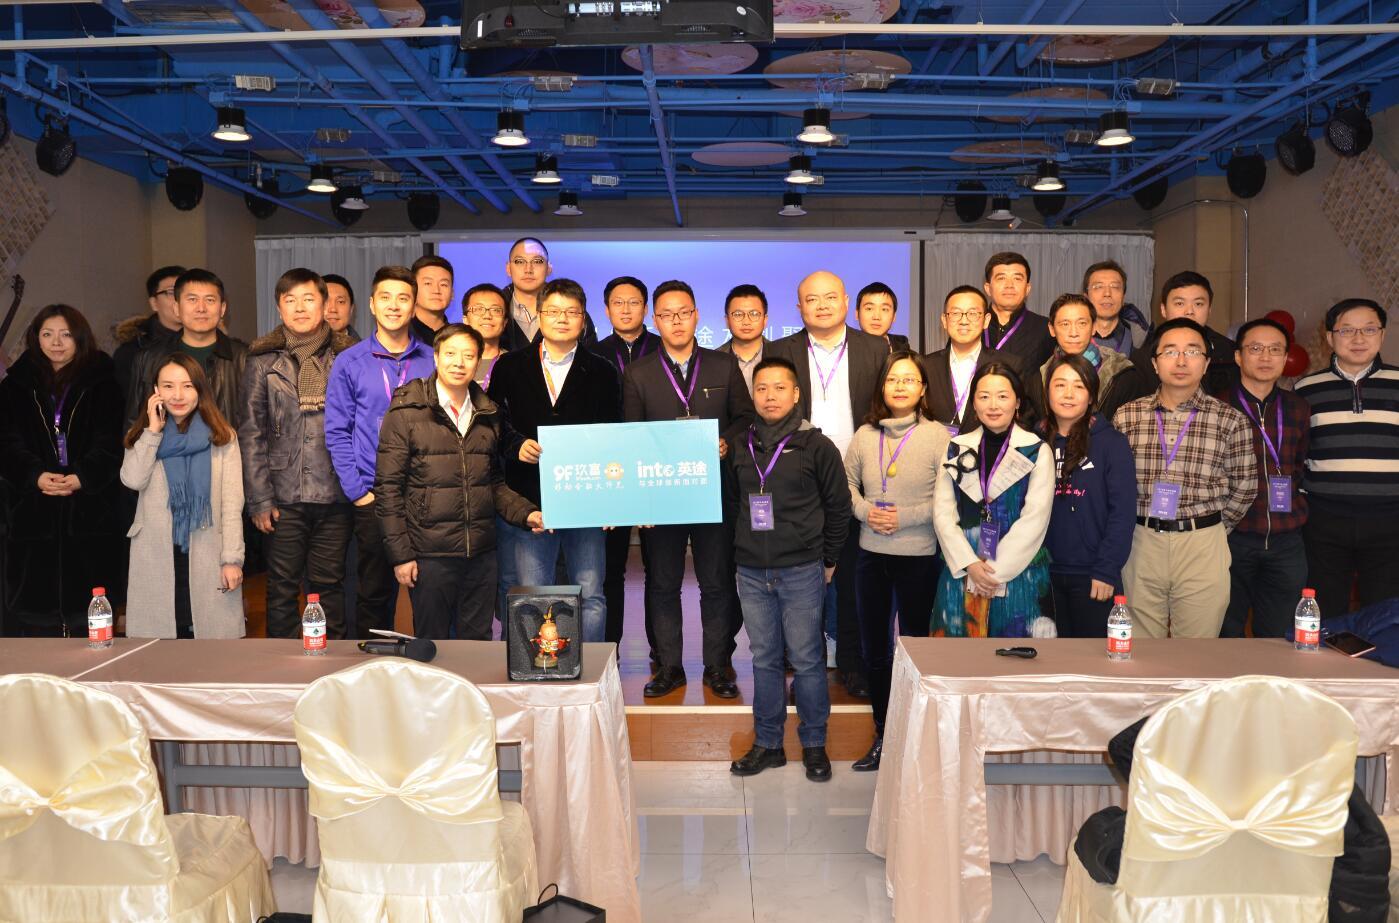 2018英途创聚首站:三十余位企业家玖富聚首 聚焦区块链+数字金融